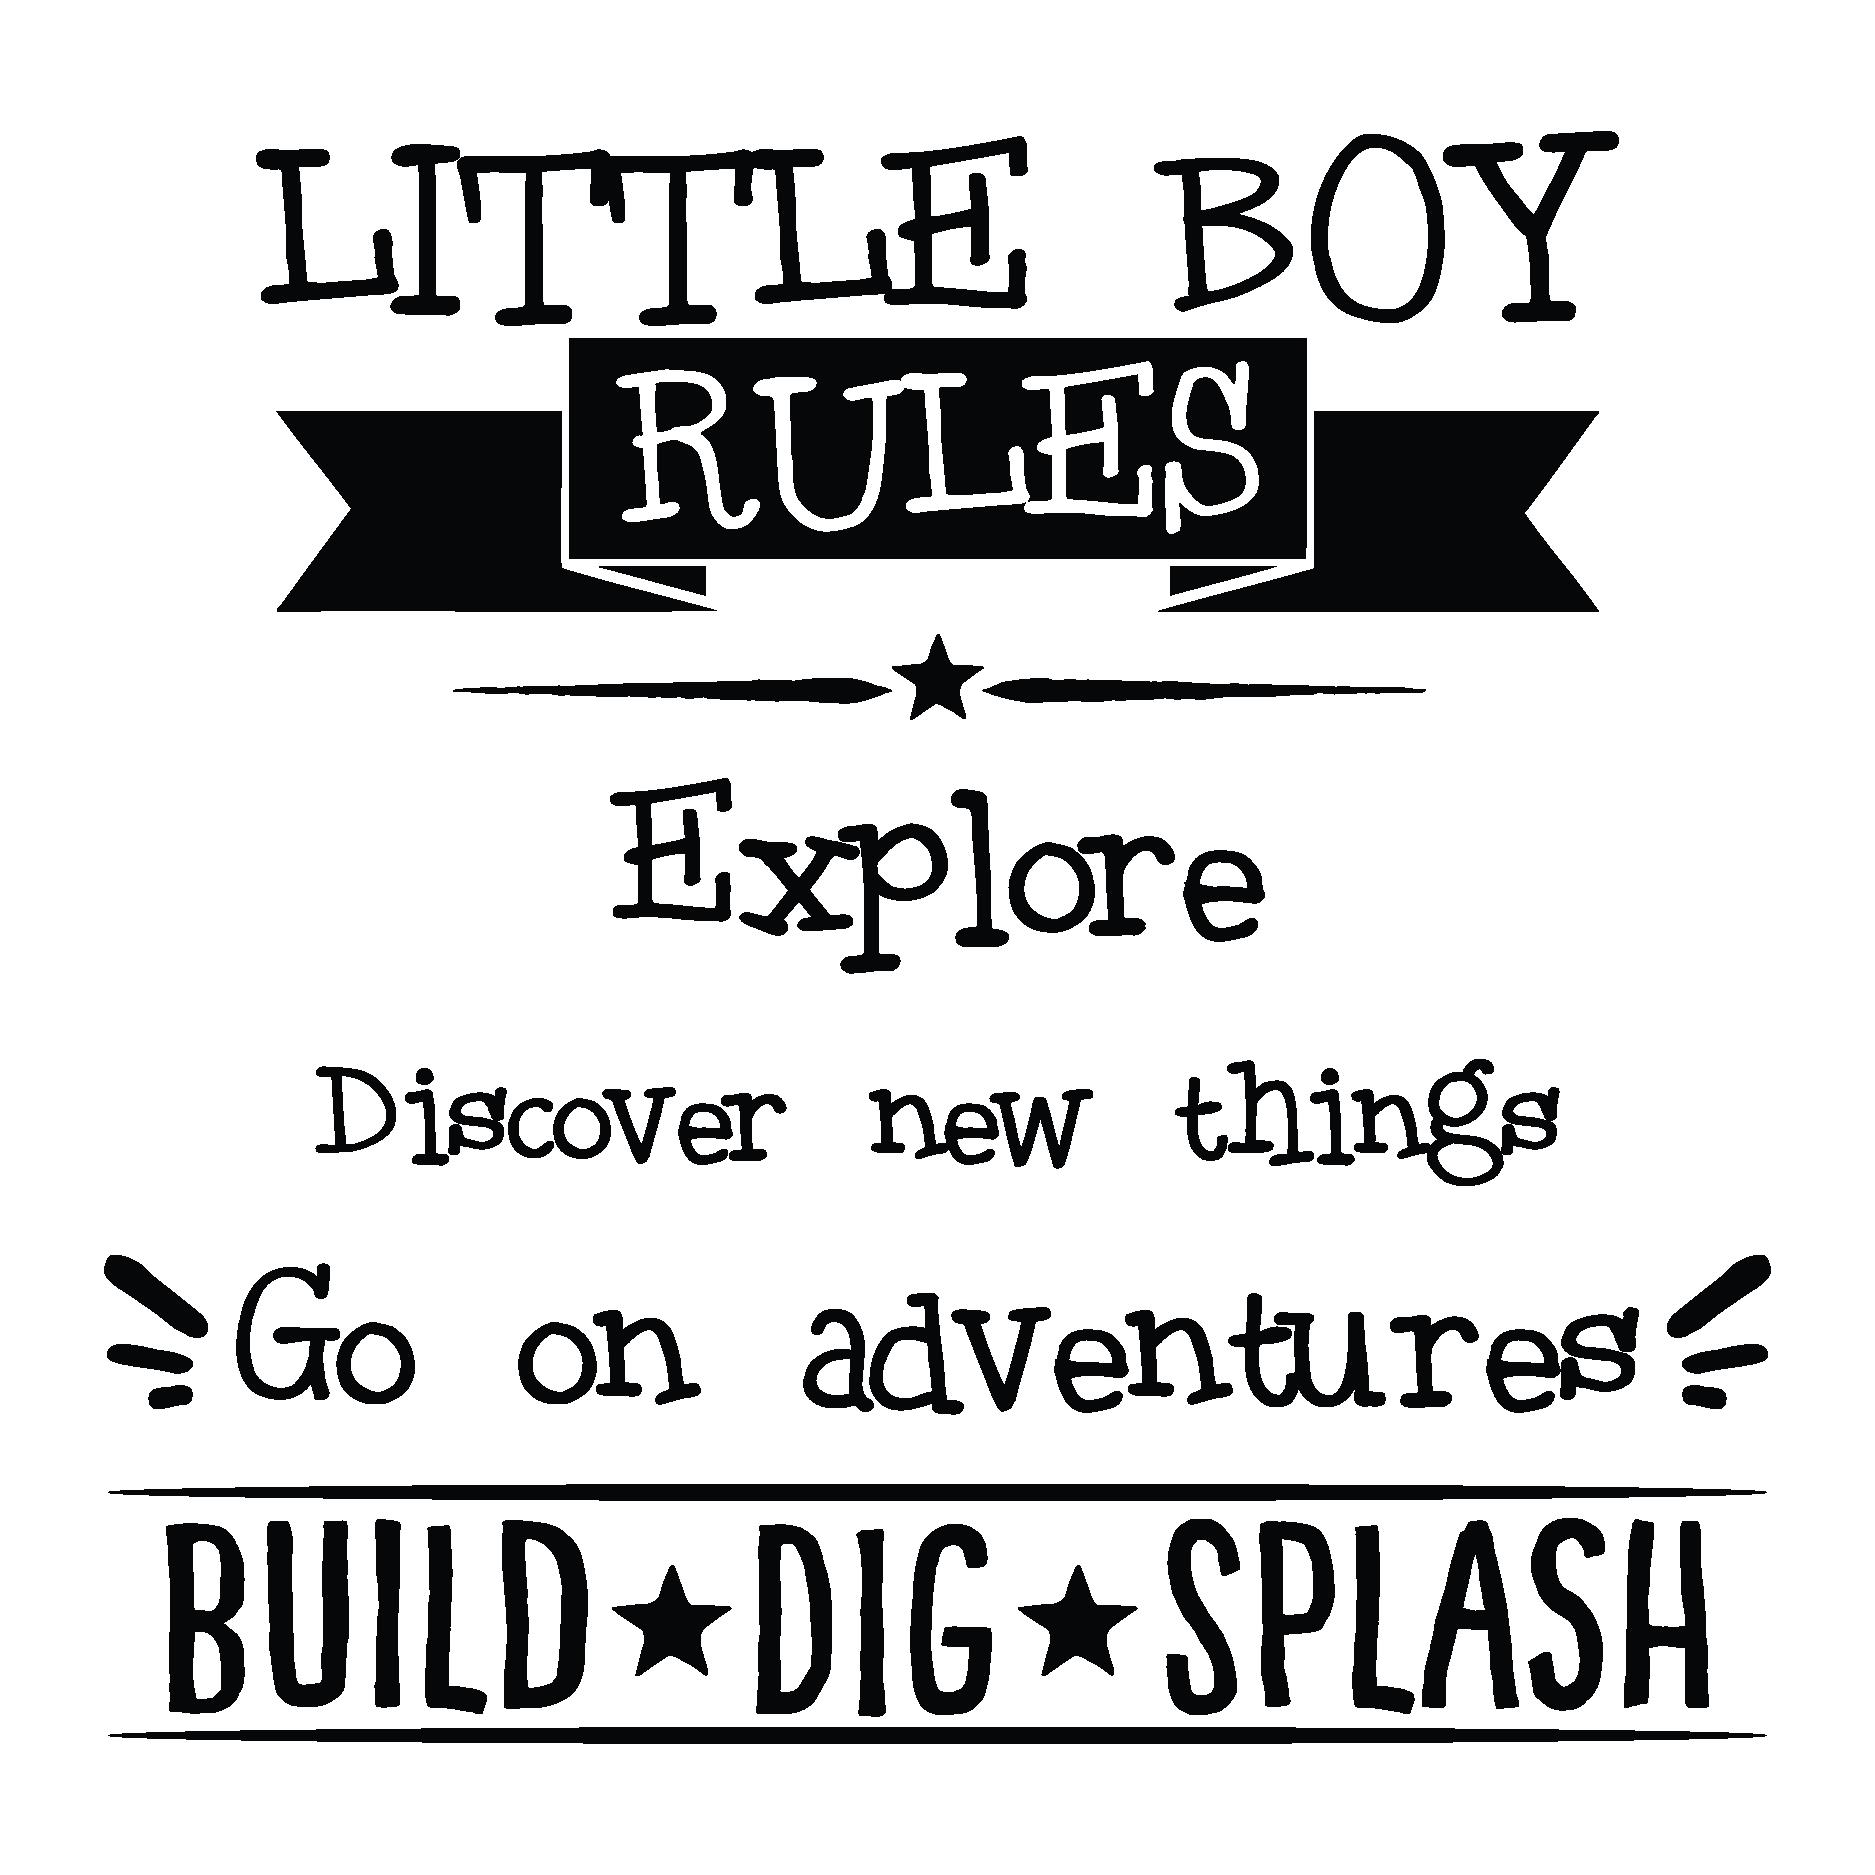 Naptime clipart bedrest. Cute little boy quotes